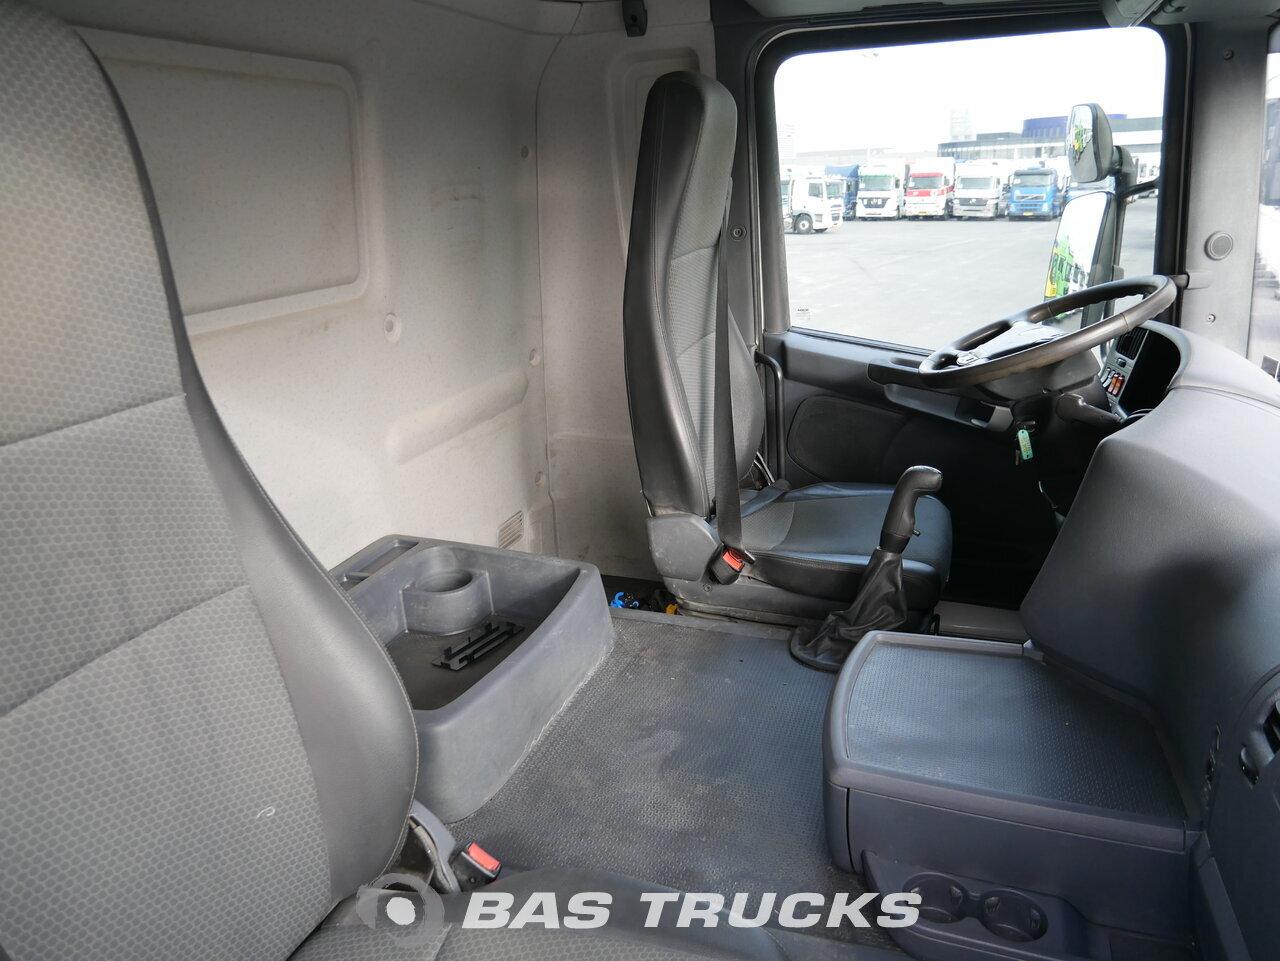 foto di Usato Motrice Scania G400 8X4 2015